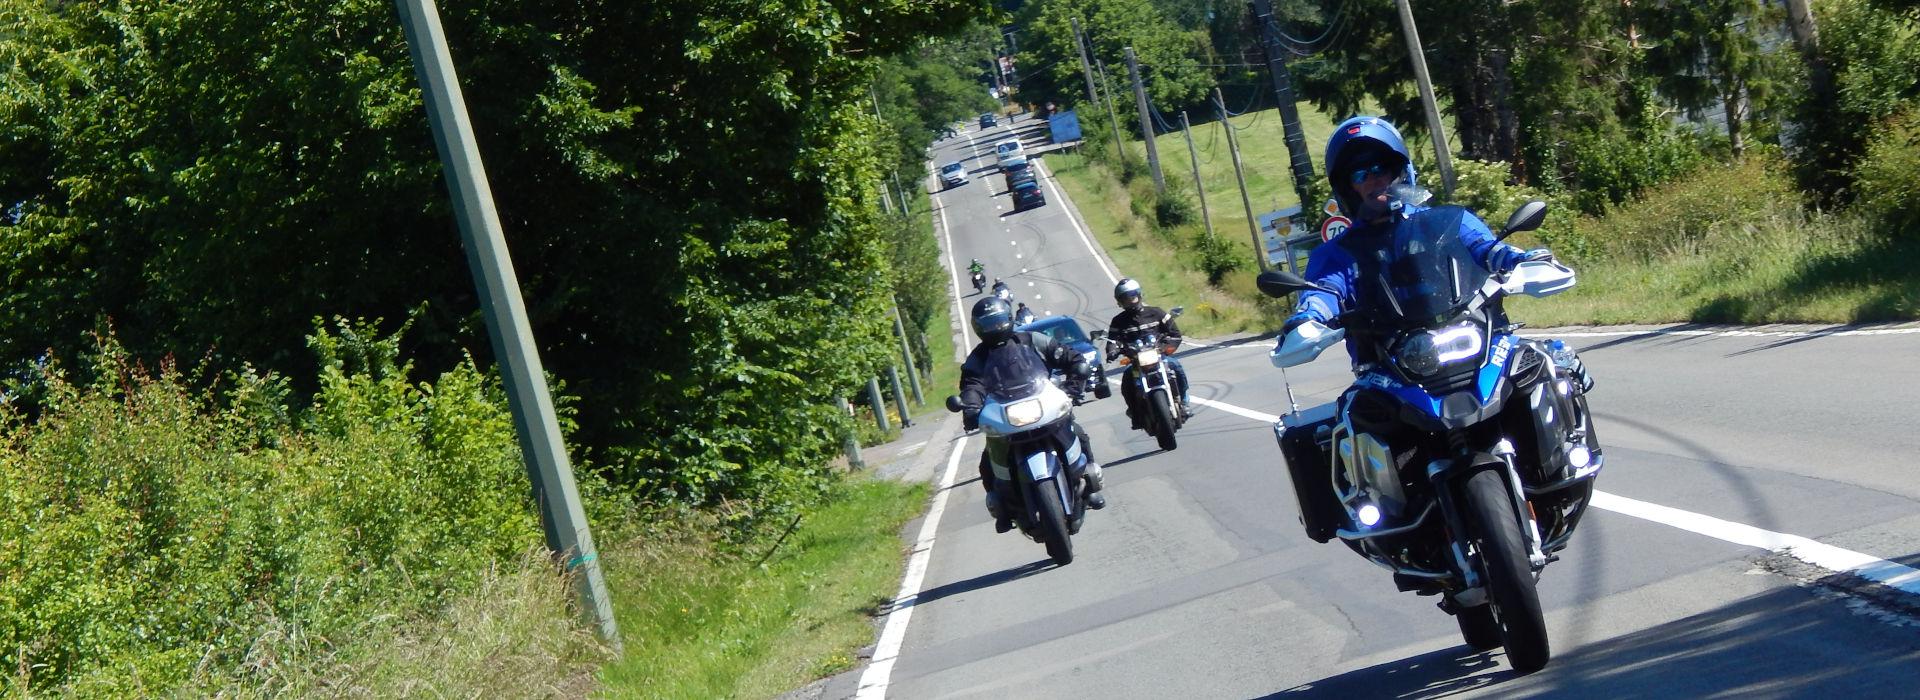 Motorrijbewijspoint Den Haag spoed motorrijbewijs